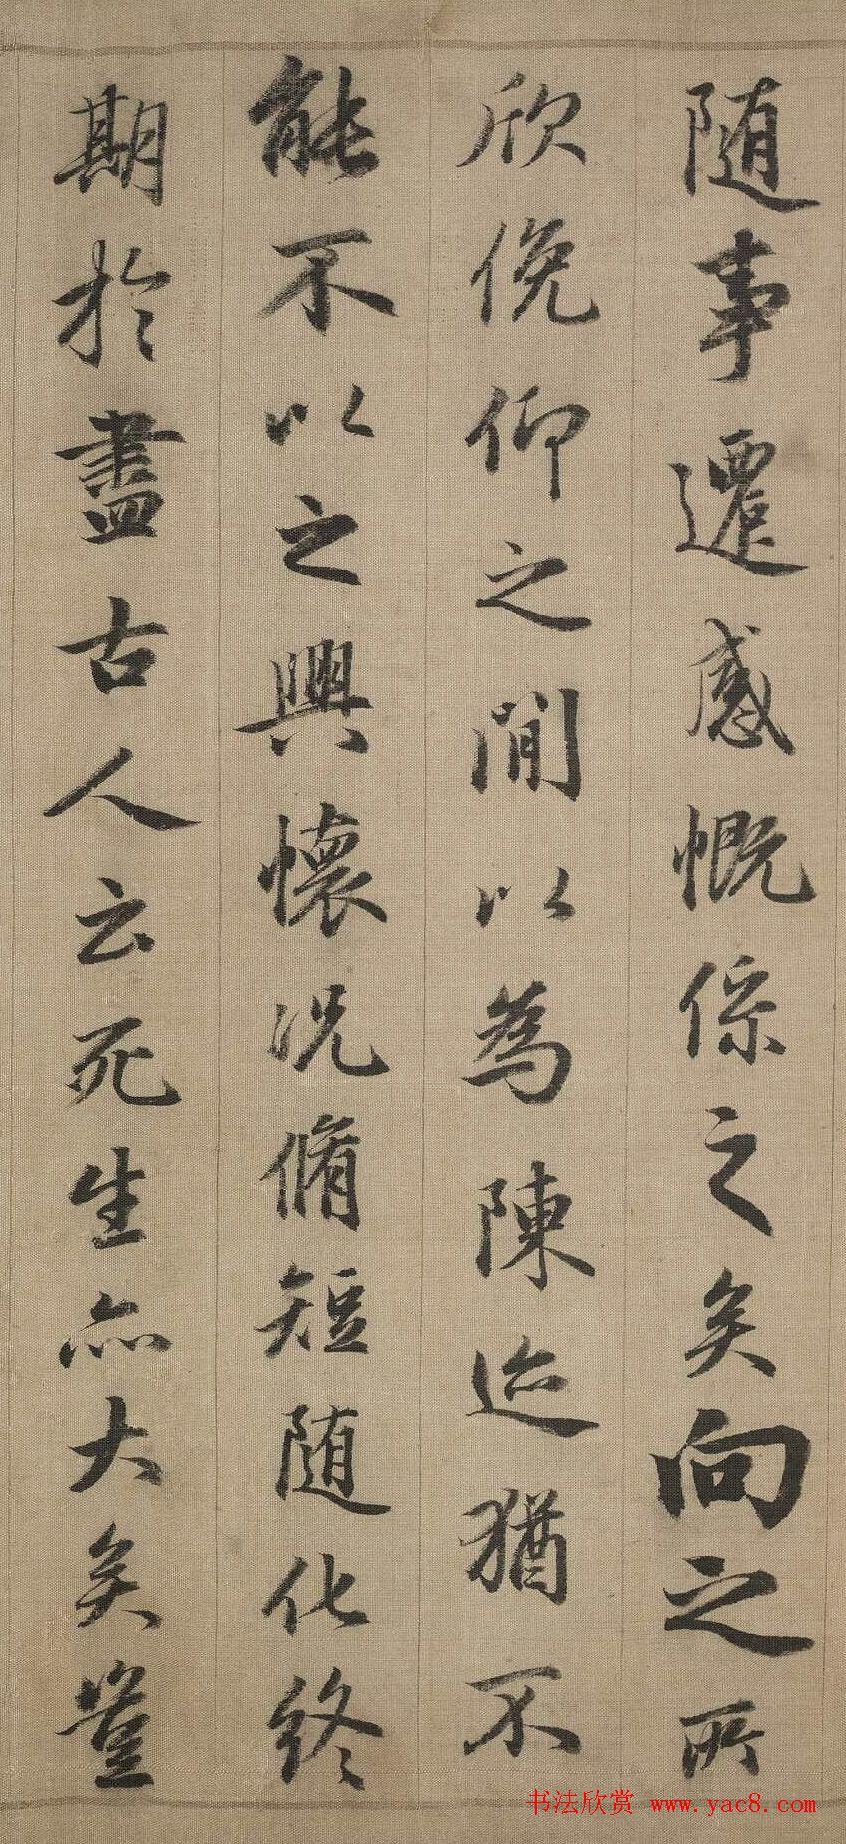 赵孟頫晚年行书临定武兰亭序卷